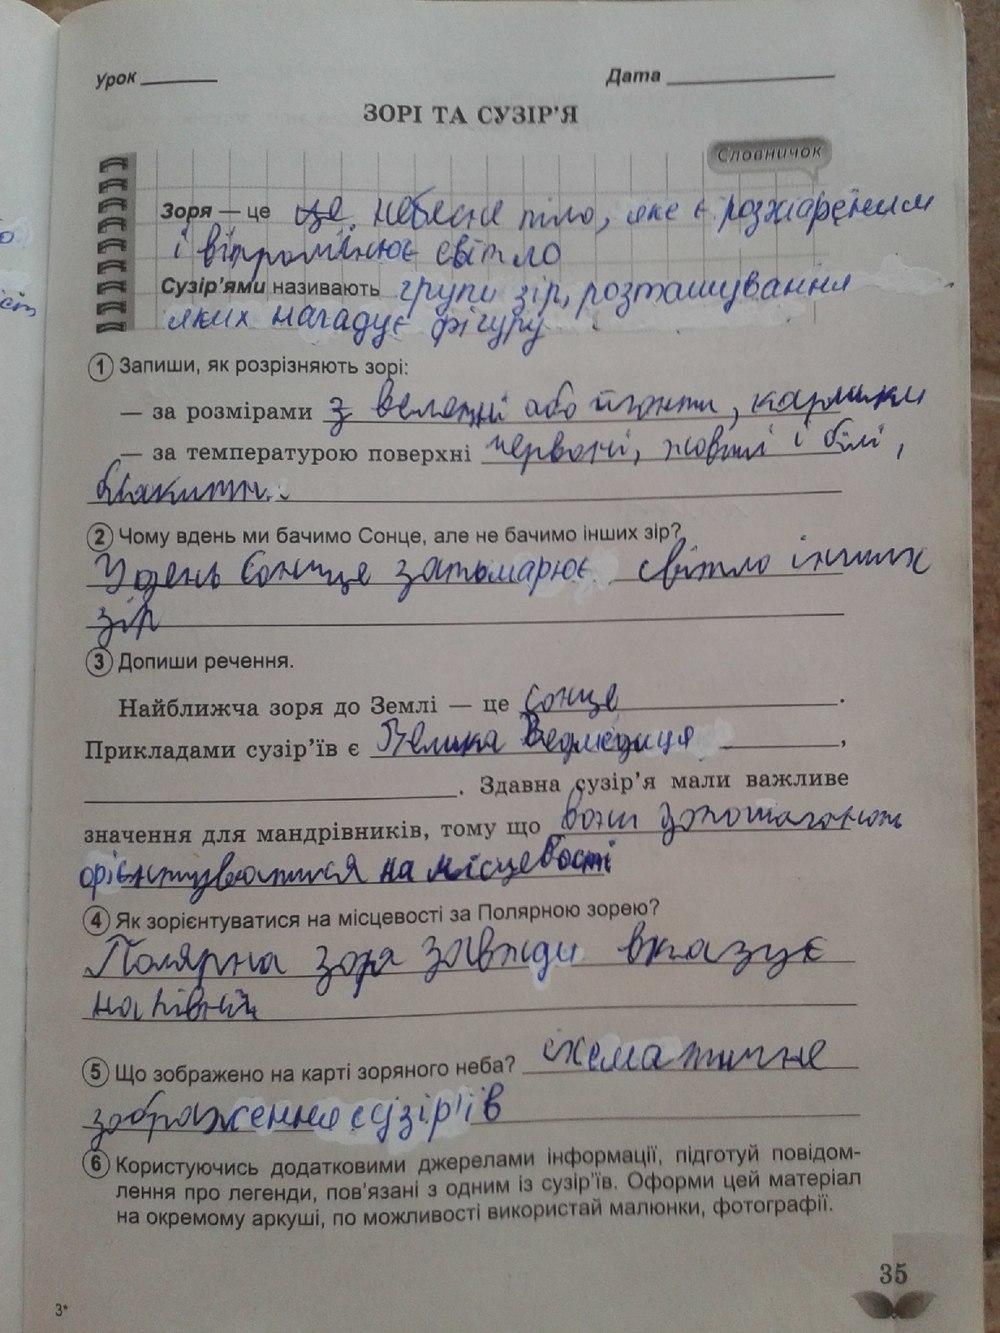 ГДЗ відповіді робочий зошит по биологии 5 класс Коршевнюк Т.В., Ярошенко О.Г.. Задание: стр. 35